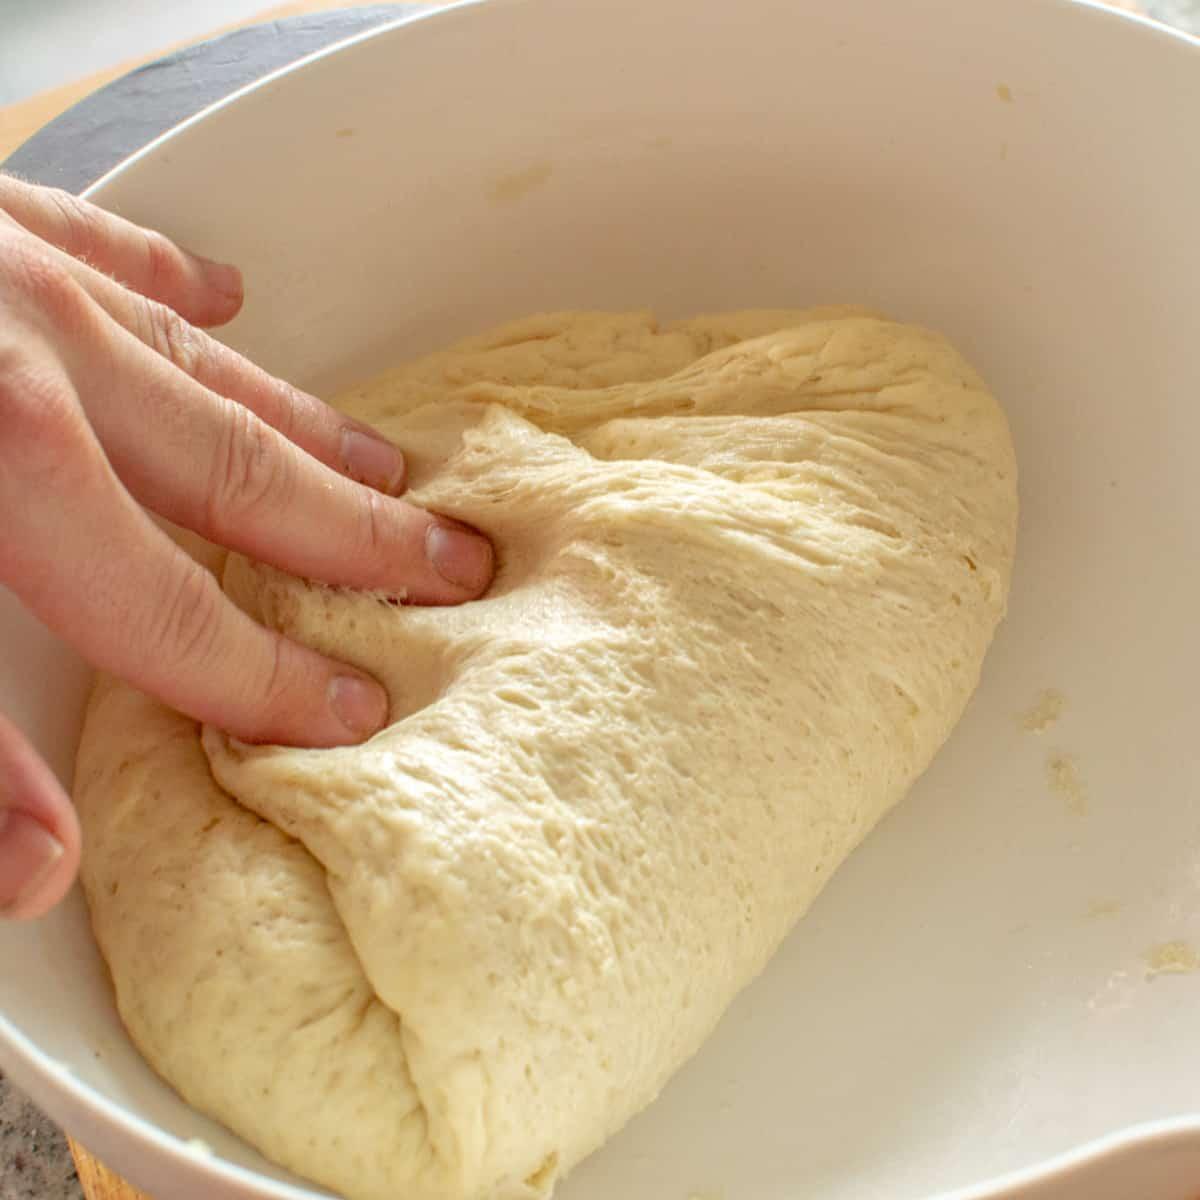 Folding the risen dough to knock it back.